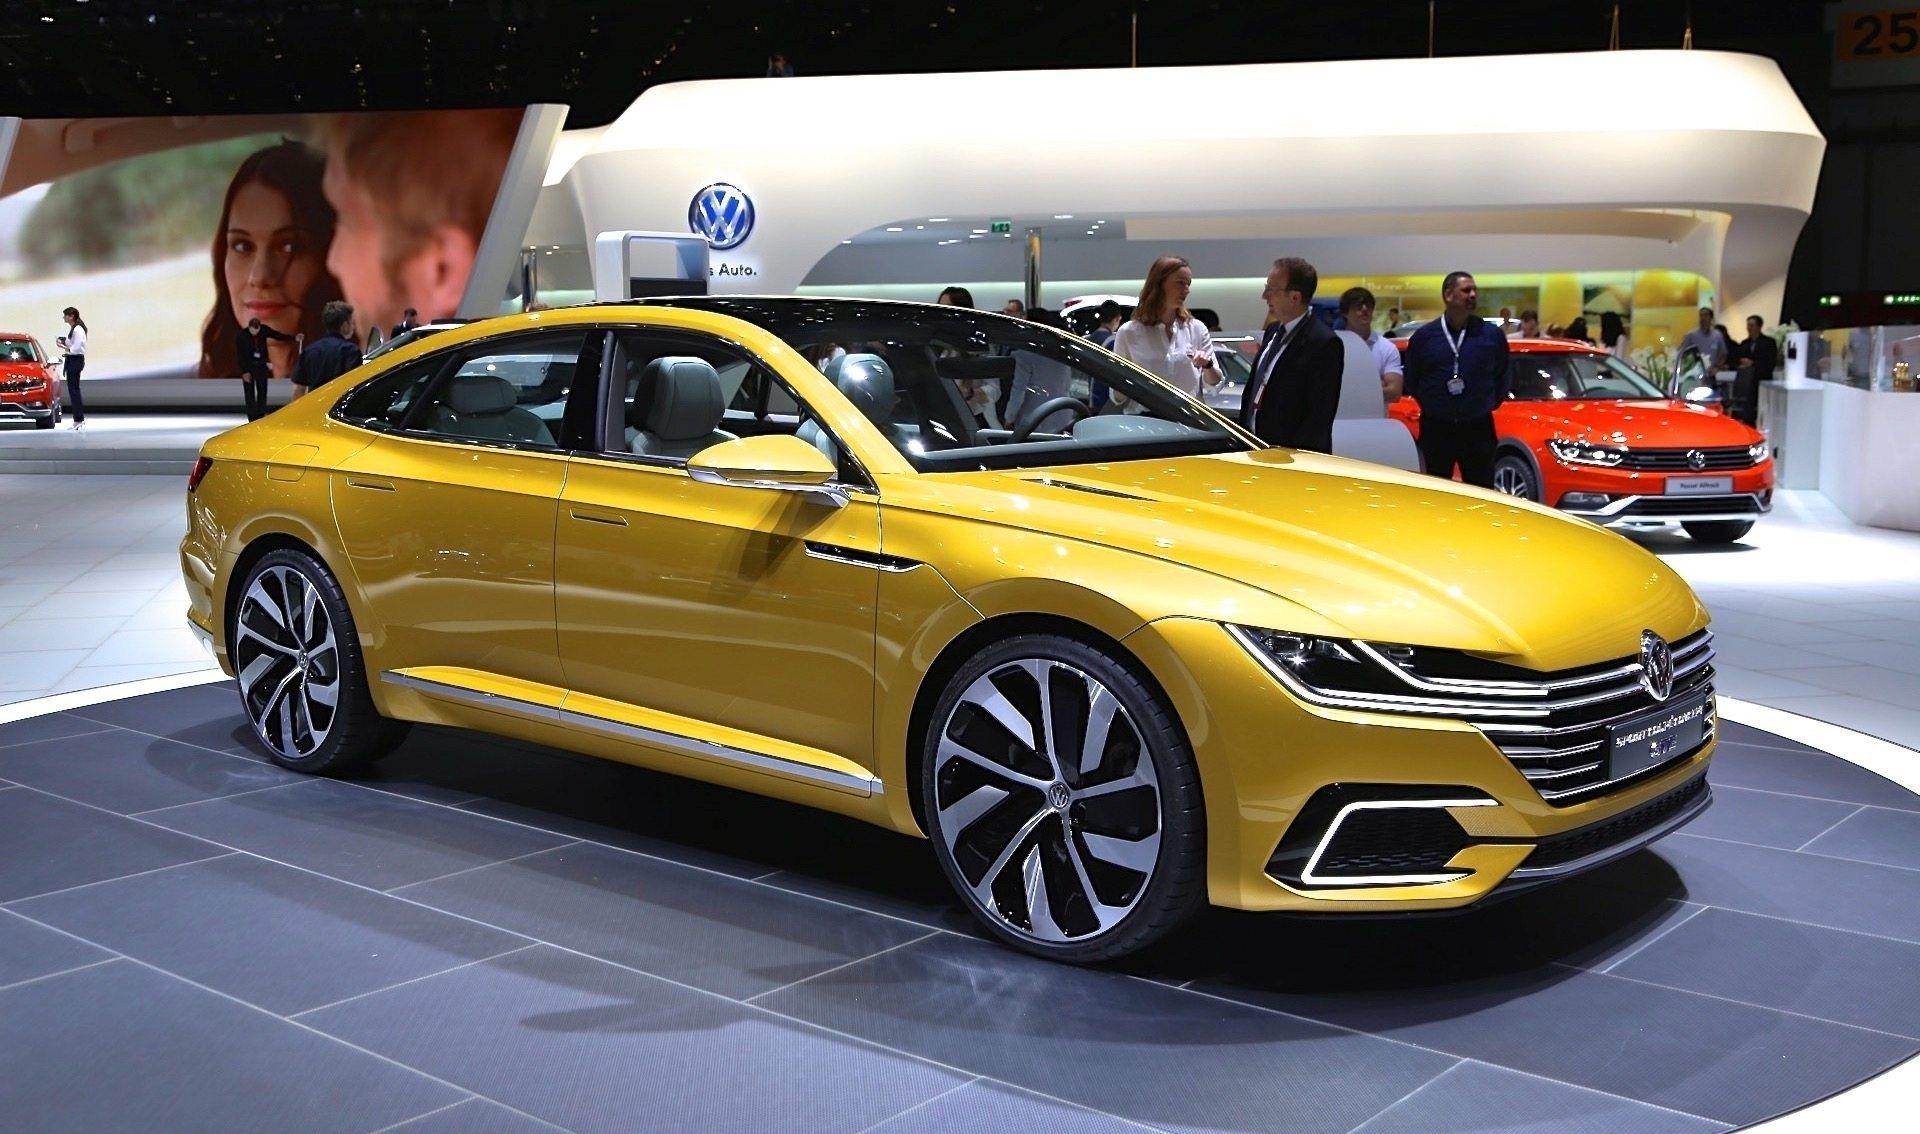 Nueva Volkswagen Arteon 2020 Volkswagen Cc Volkswagen Passat Cc Vw Cc